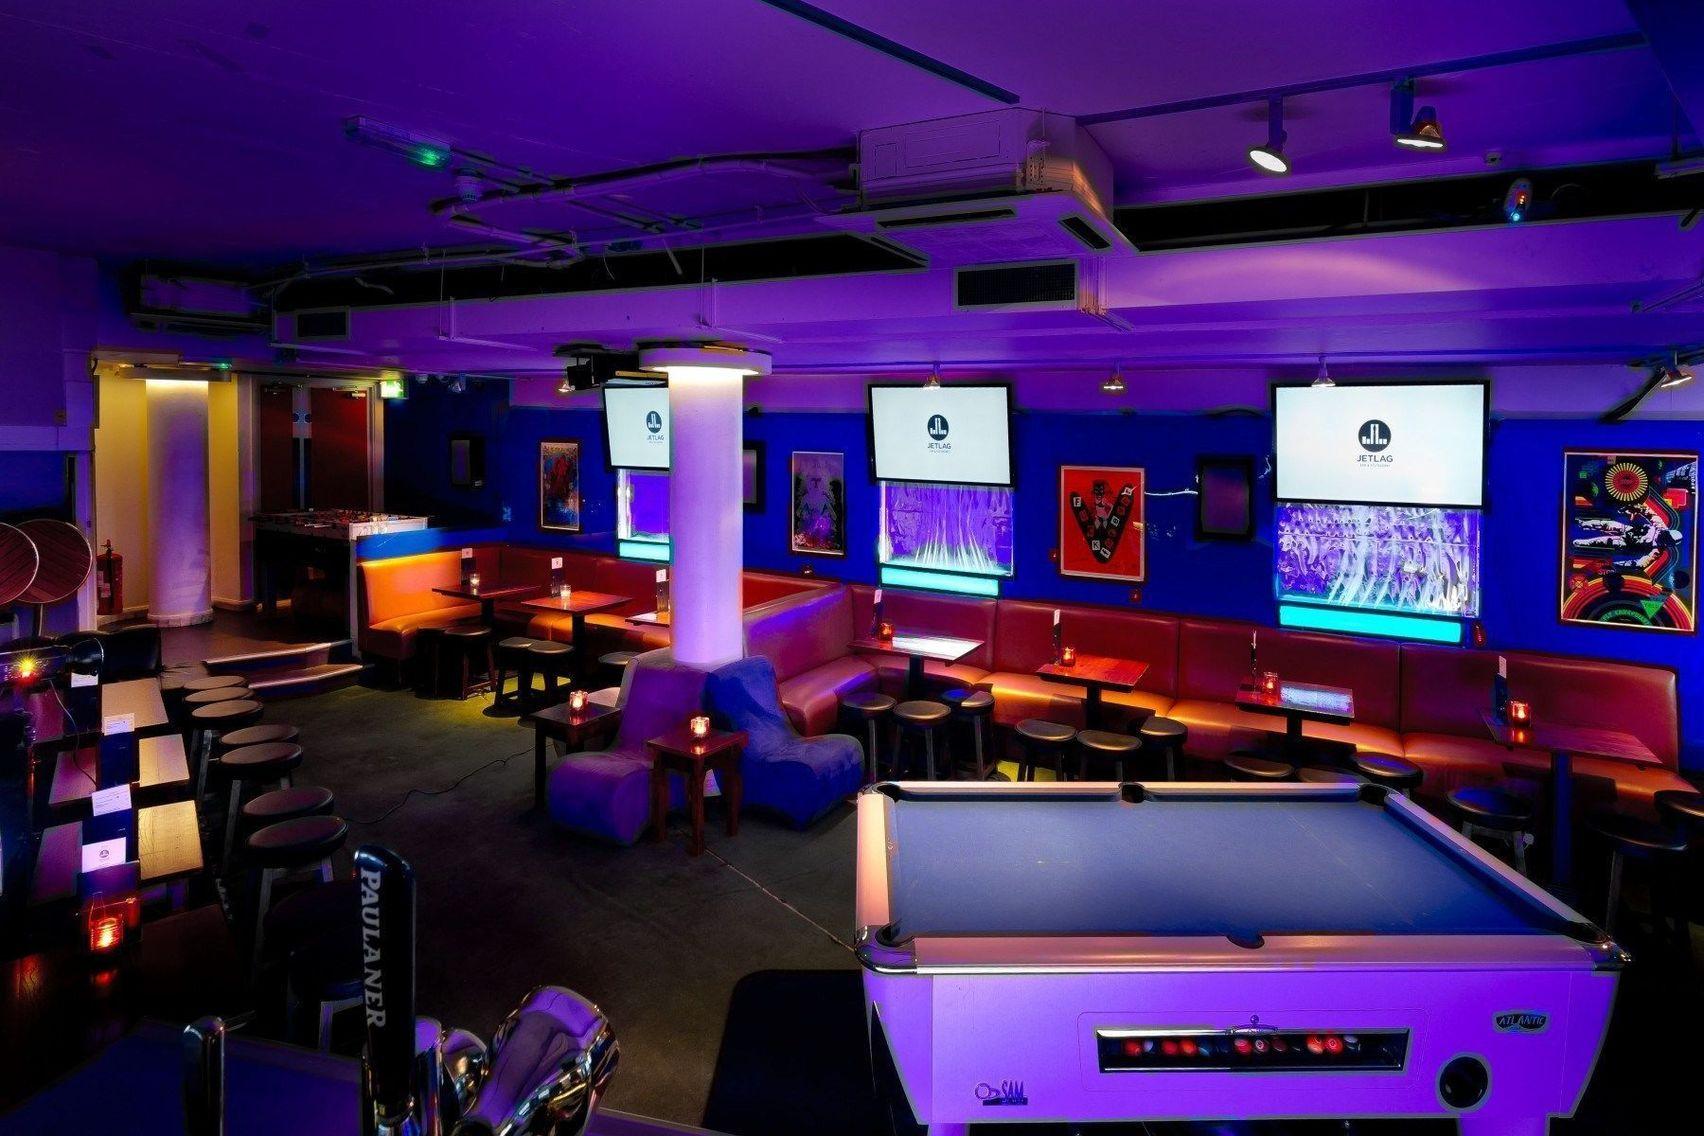 Lotus Lounge, Jet lag Sports Bar